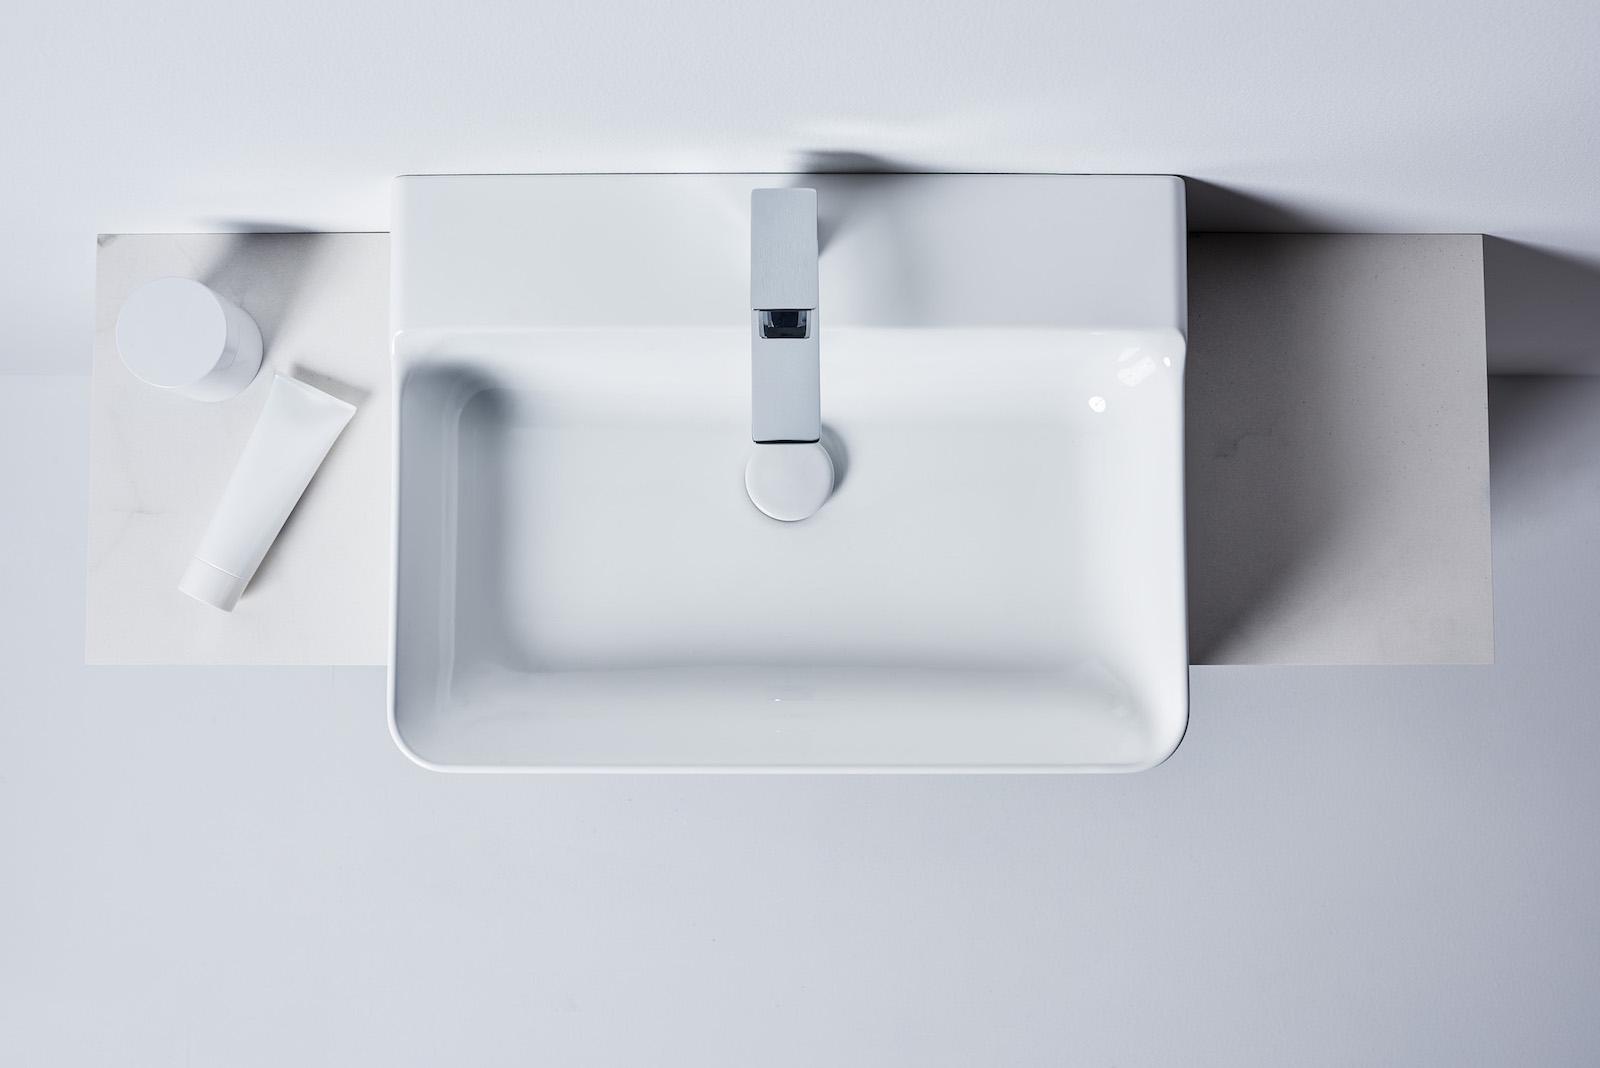 Bonus idrico: il design a servizio dell'ambiente